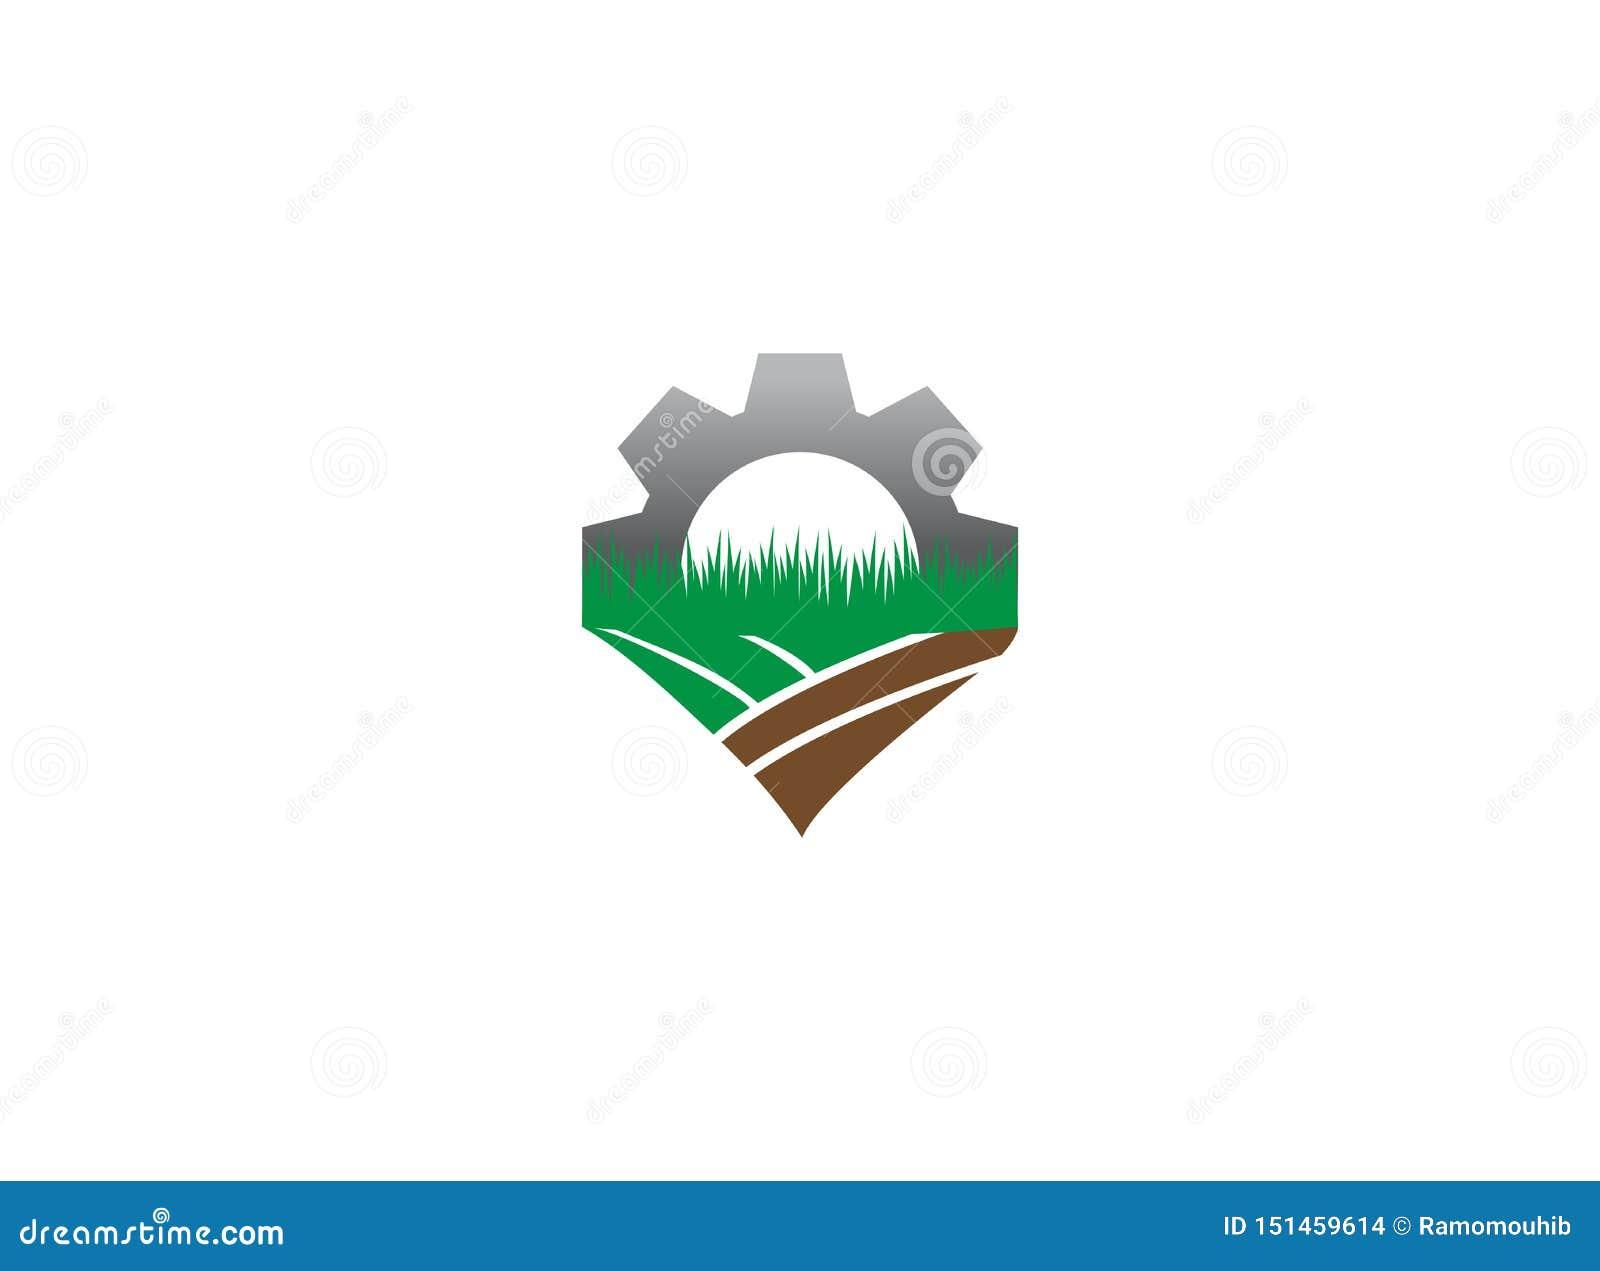 Ploeg de grondtoestel de landbouwinstallaties voor het ontwerp van de embleemillustratie